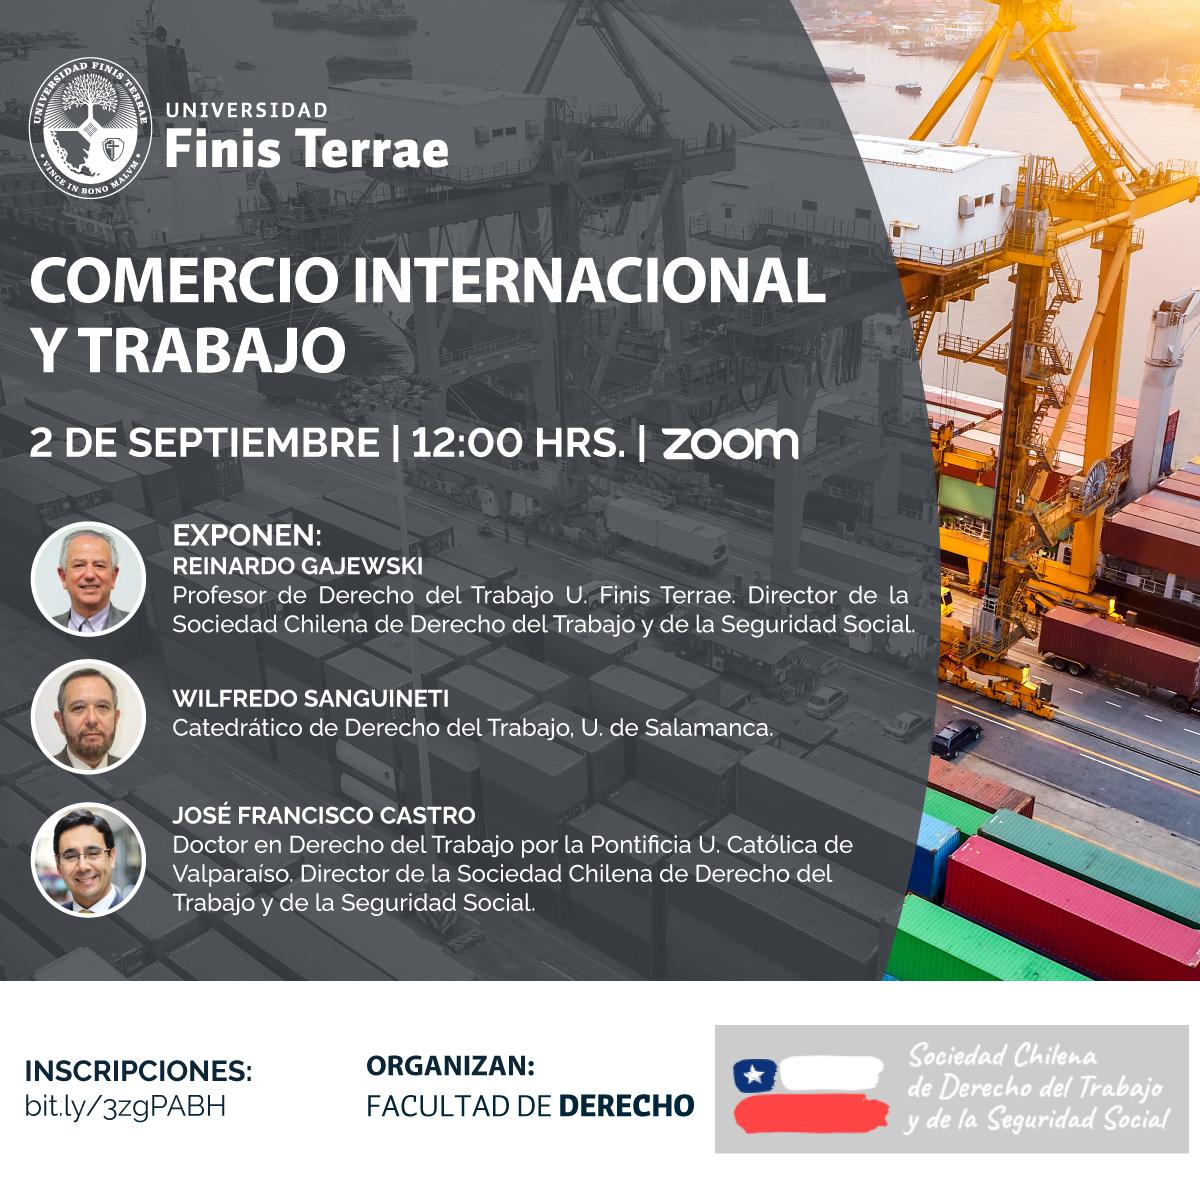 Facultad de Derecho de la Universidad Finis Terrae organiza Conferencia Comercio Internacional y Trabajo.